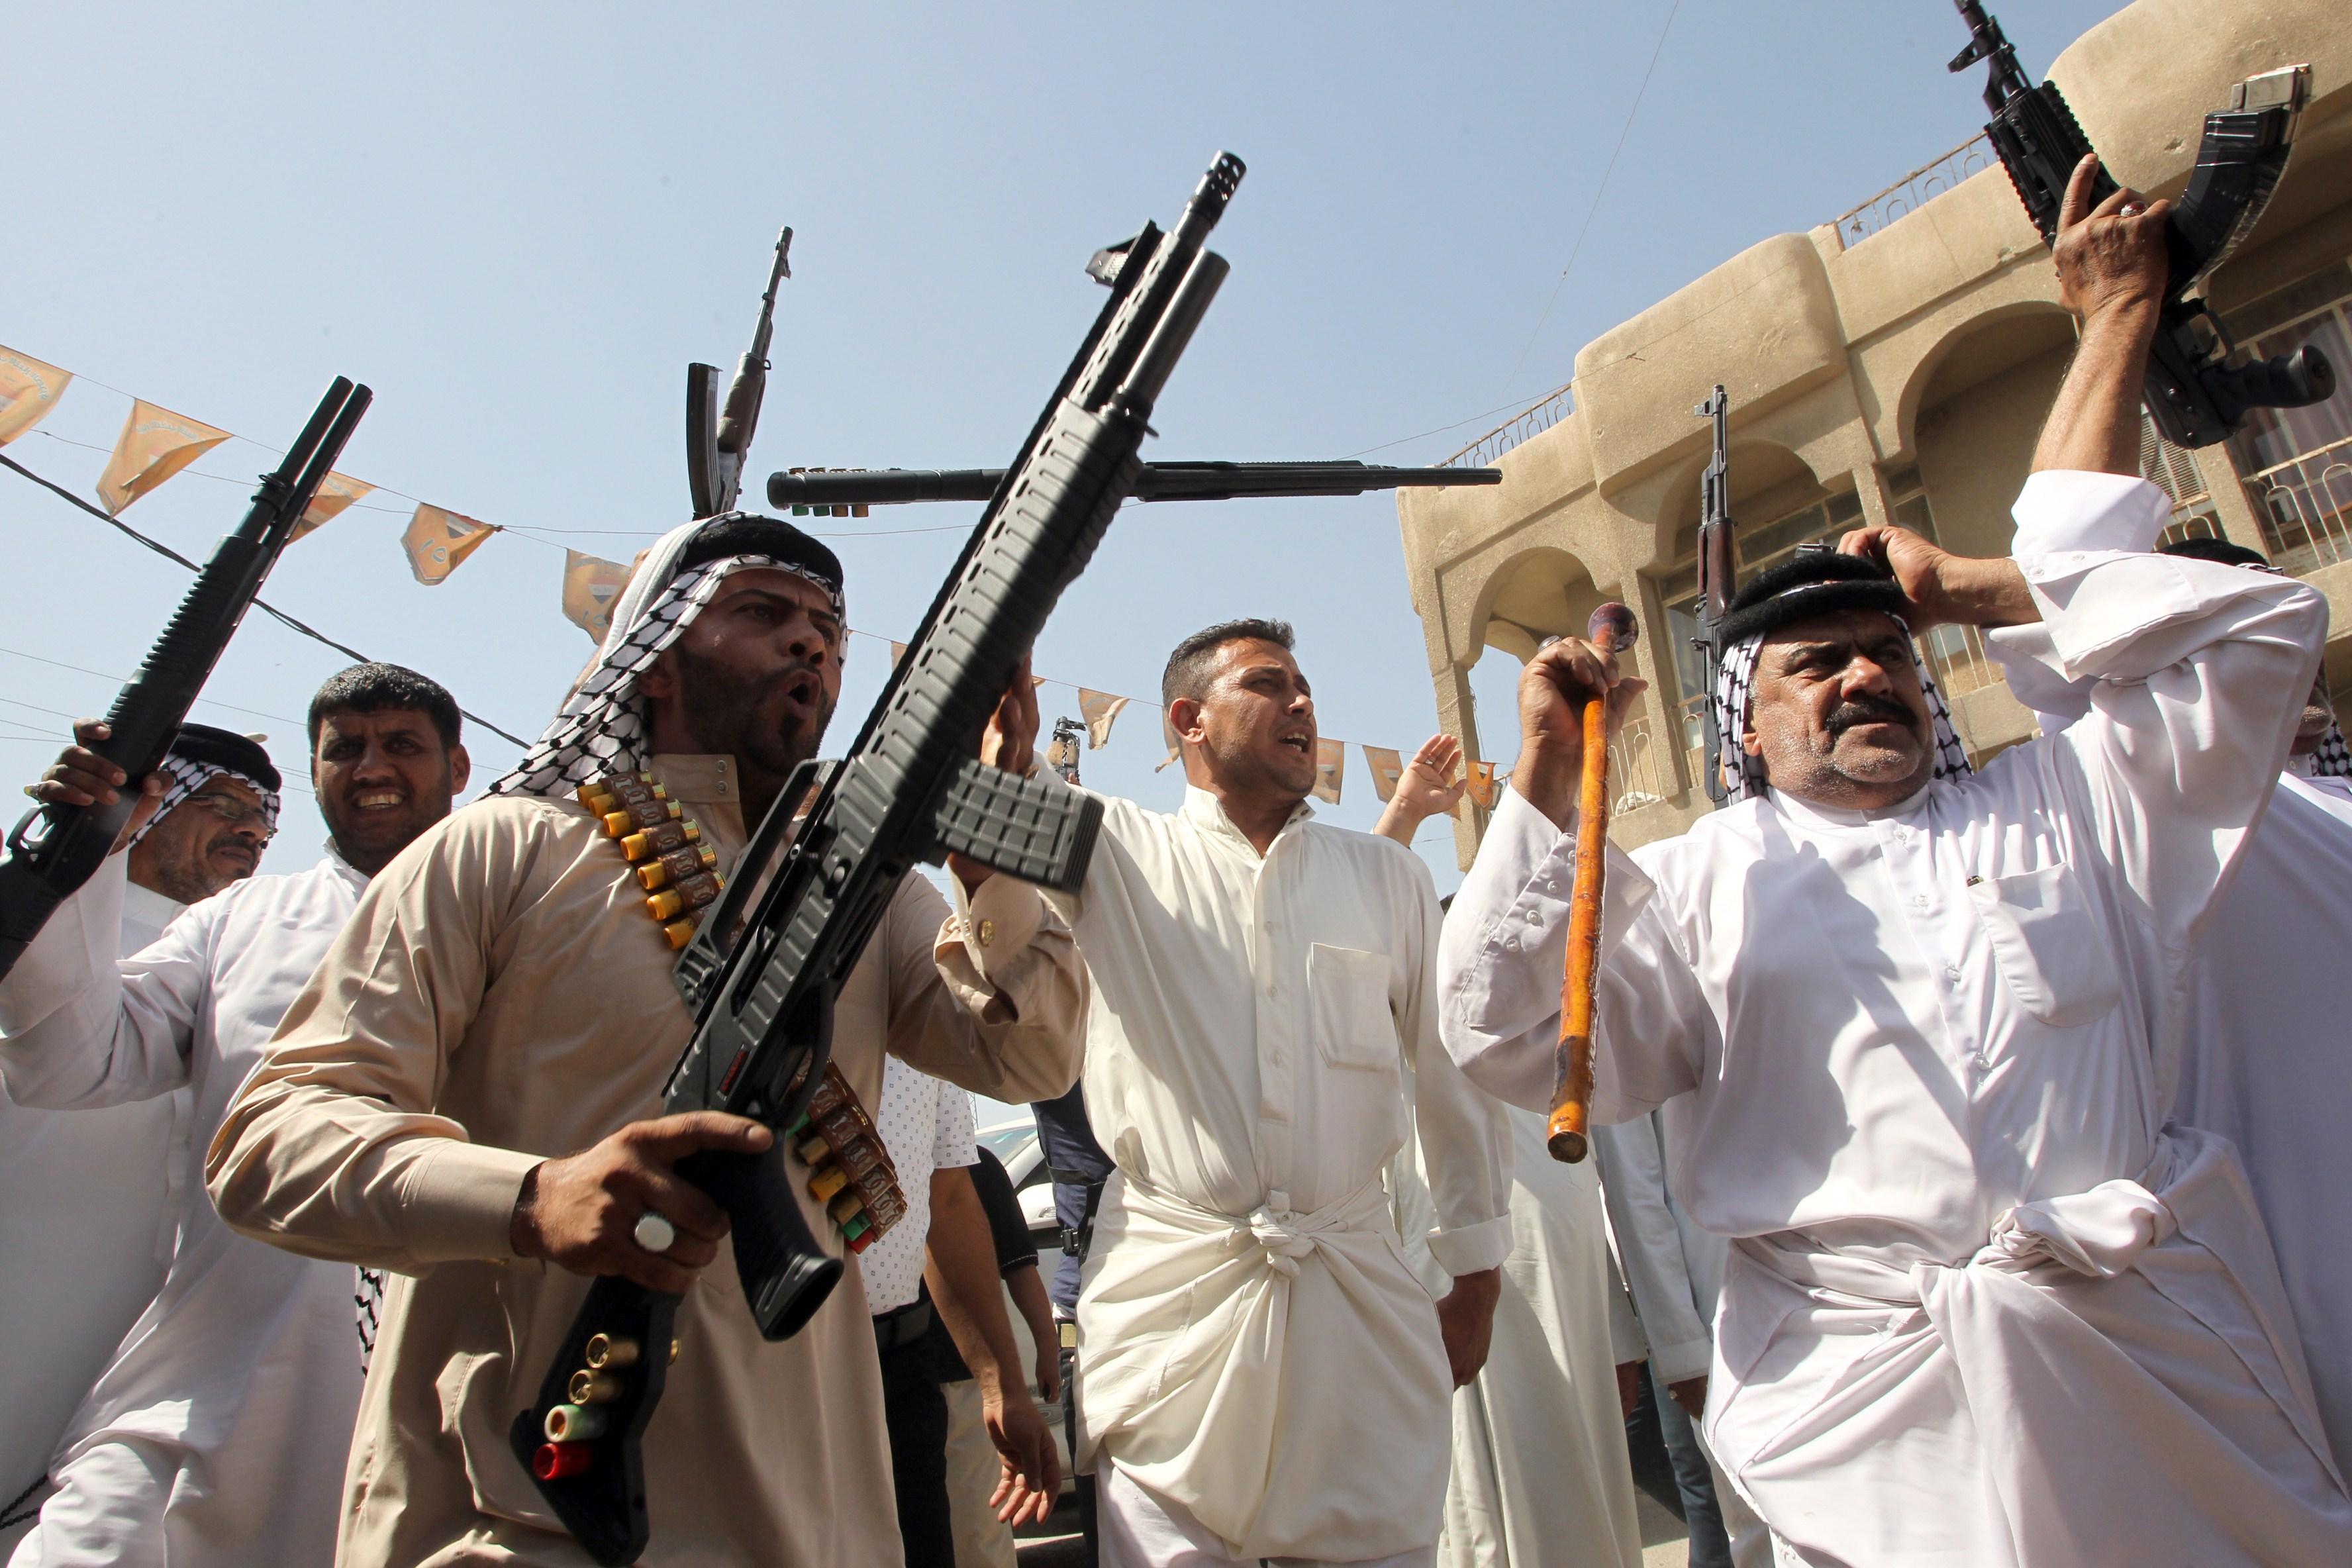 مقتل شخصين واصابة اربعة بنزاع عشائري في مدينة الصدر